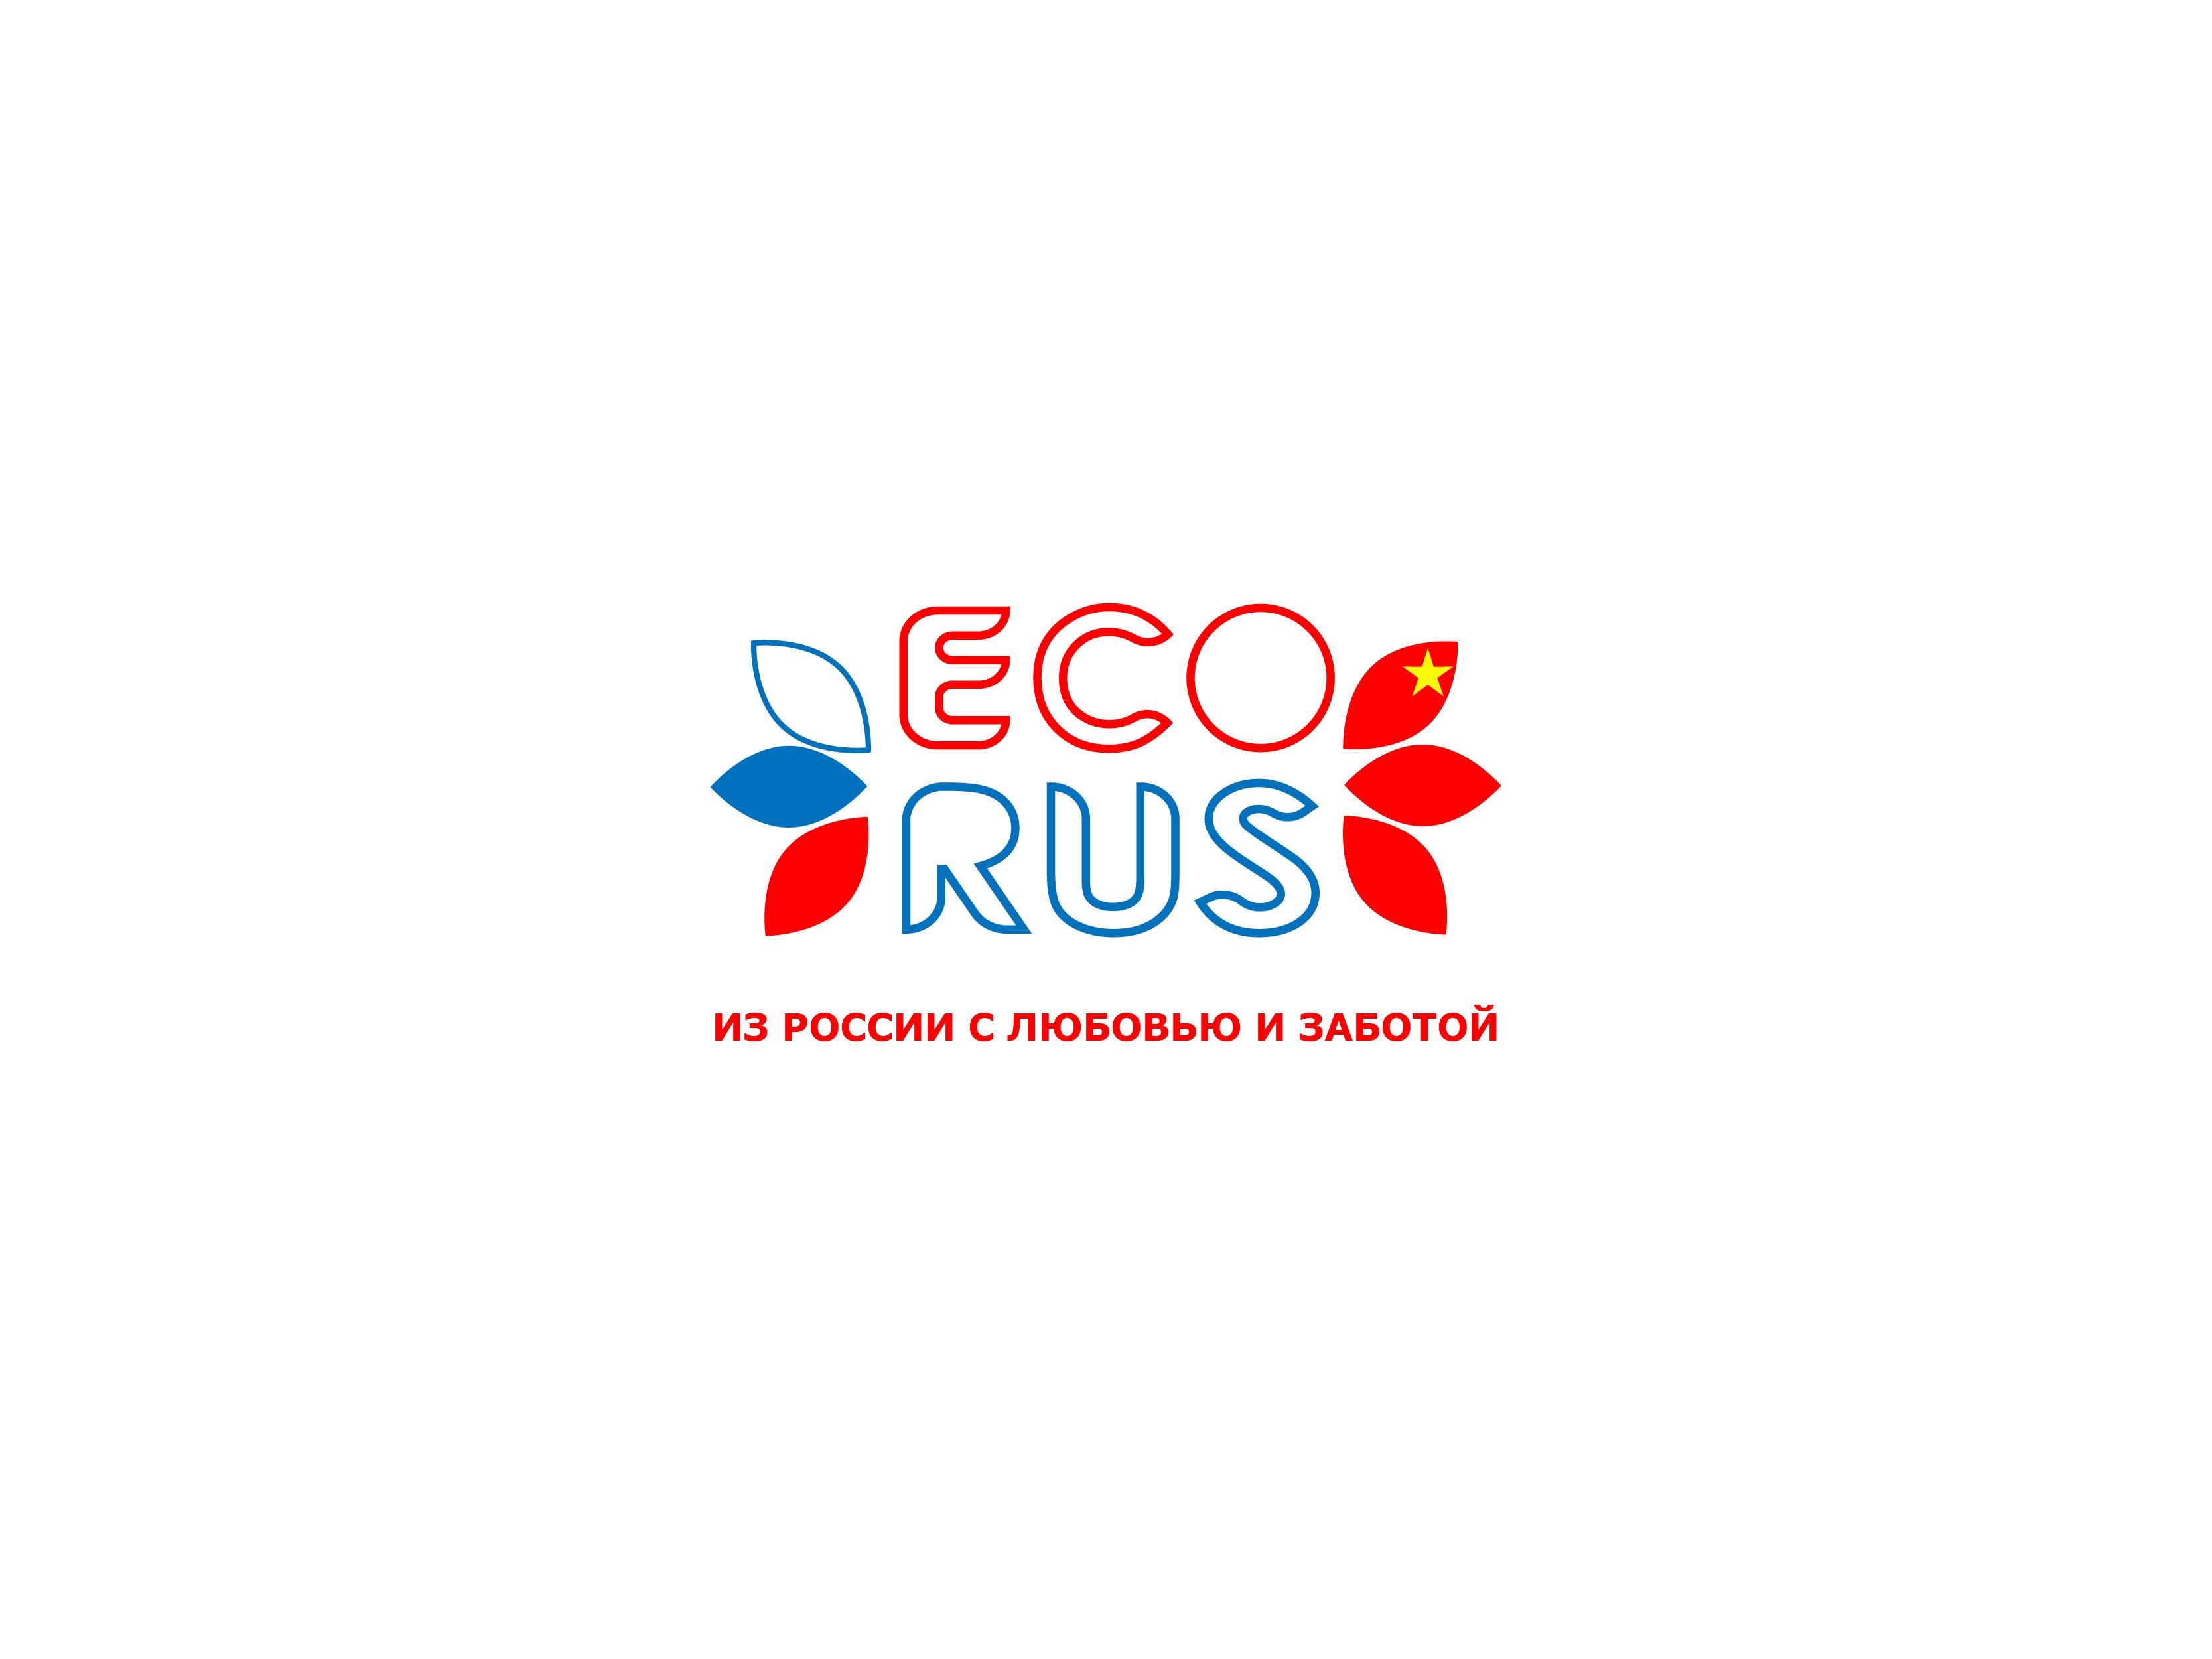 Логотип для поставщика продуктов питания из России в Китай фото f_8515ea6bebf7d18f.png